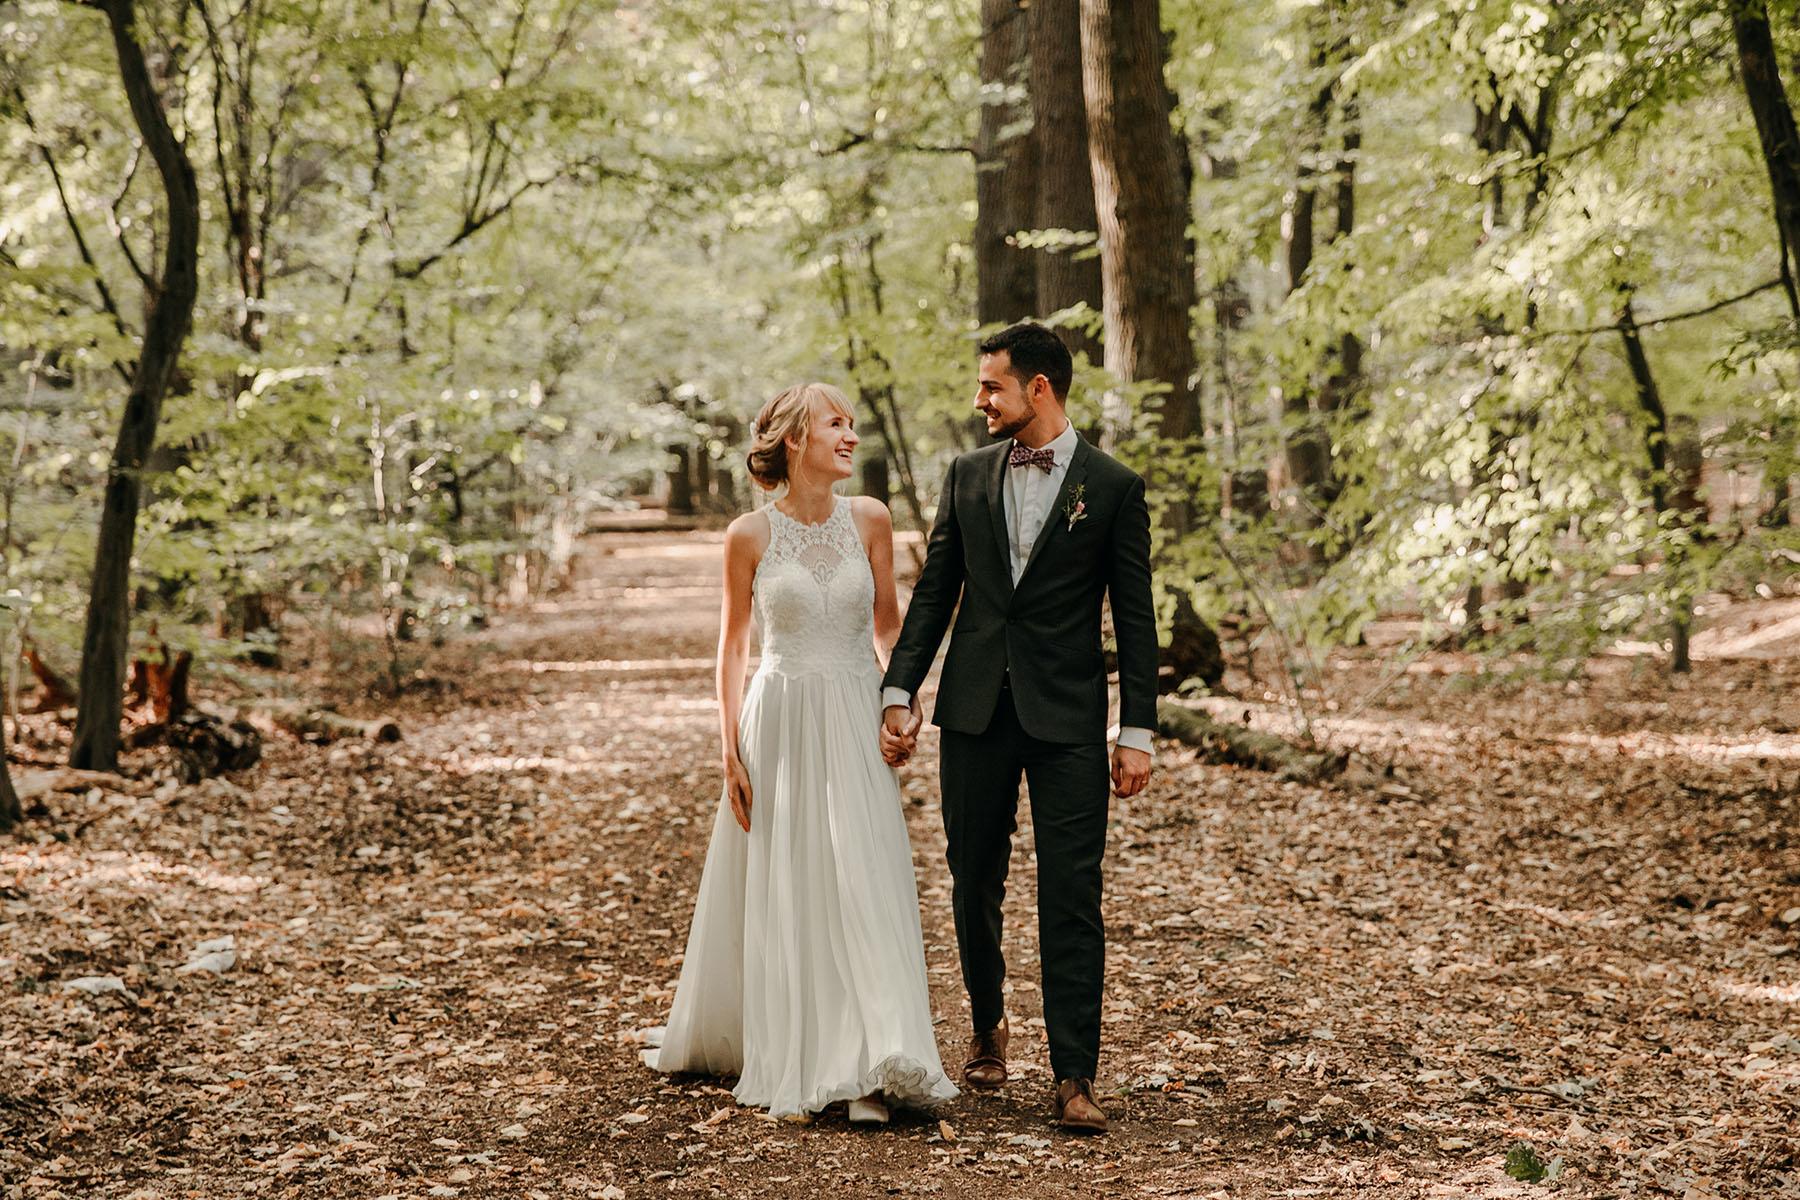 Brautpaar Spaziergang im Wald